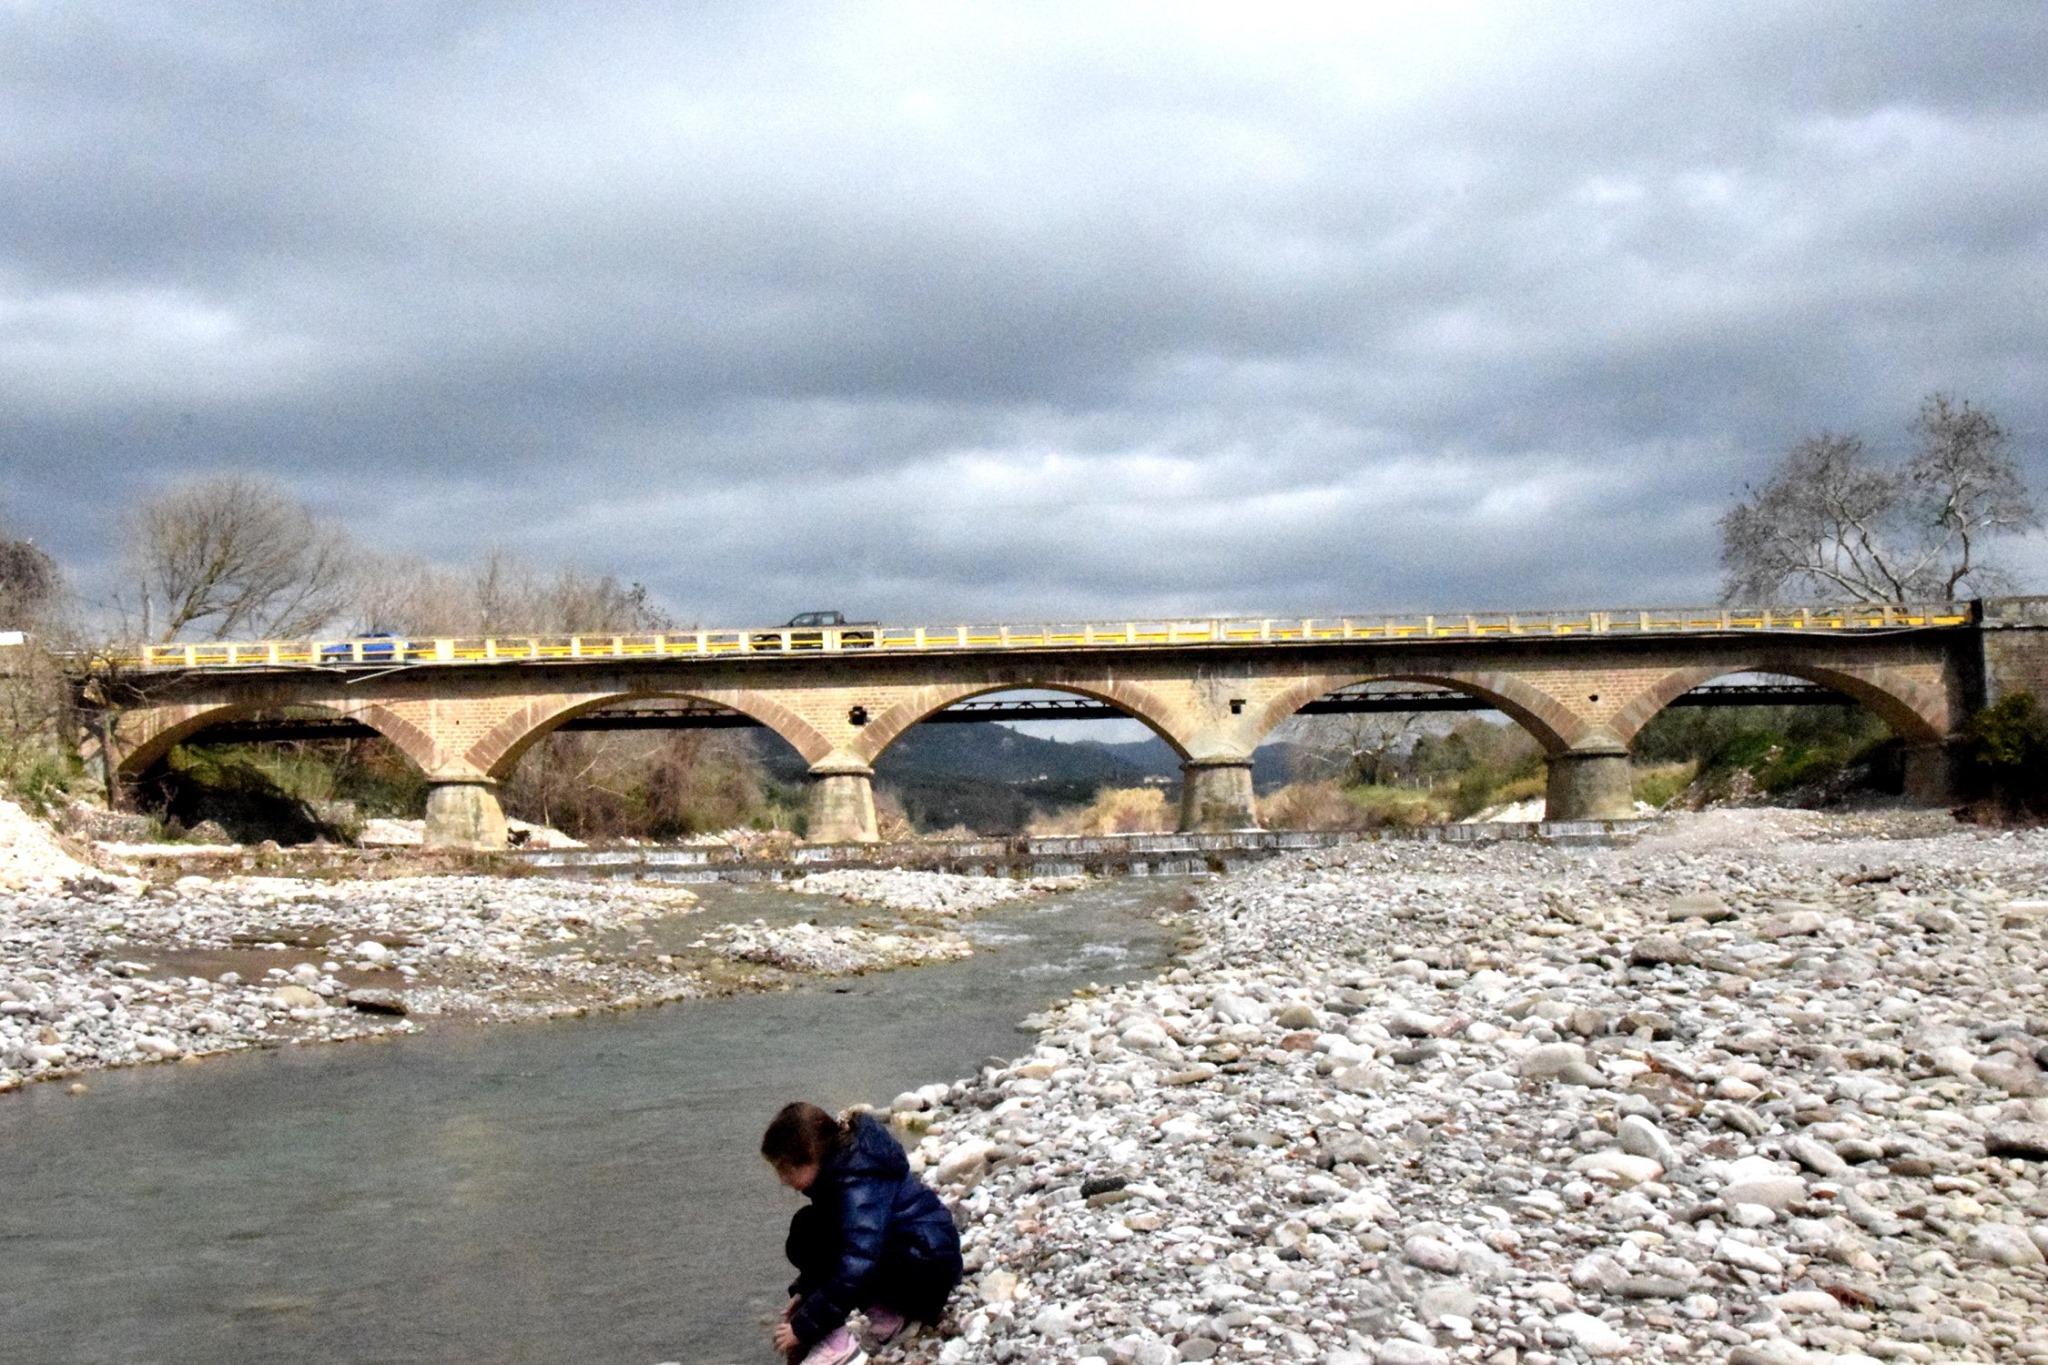 Μια πρόταση για τη γέφυρα της Αβώρανης